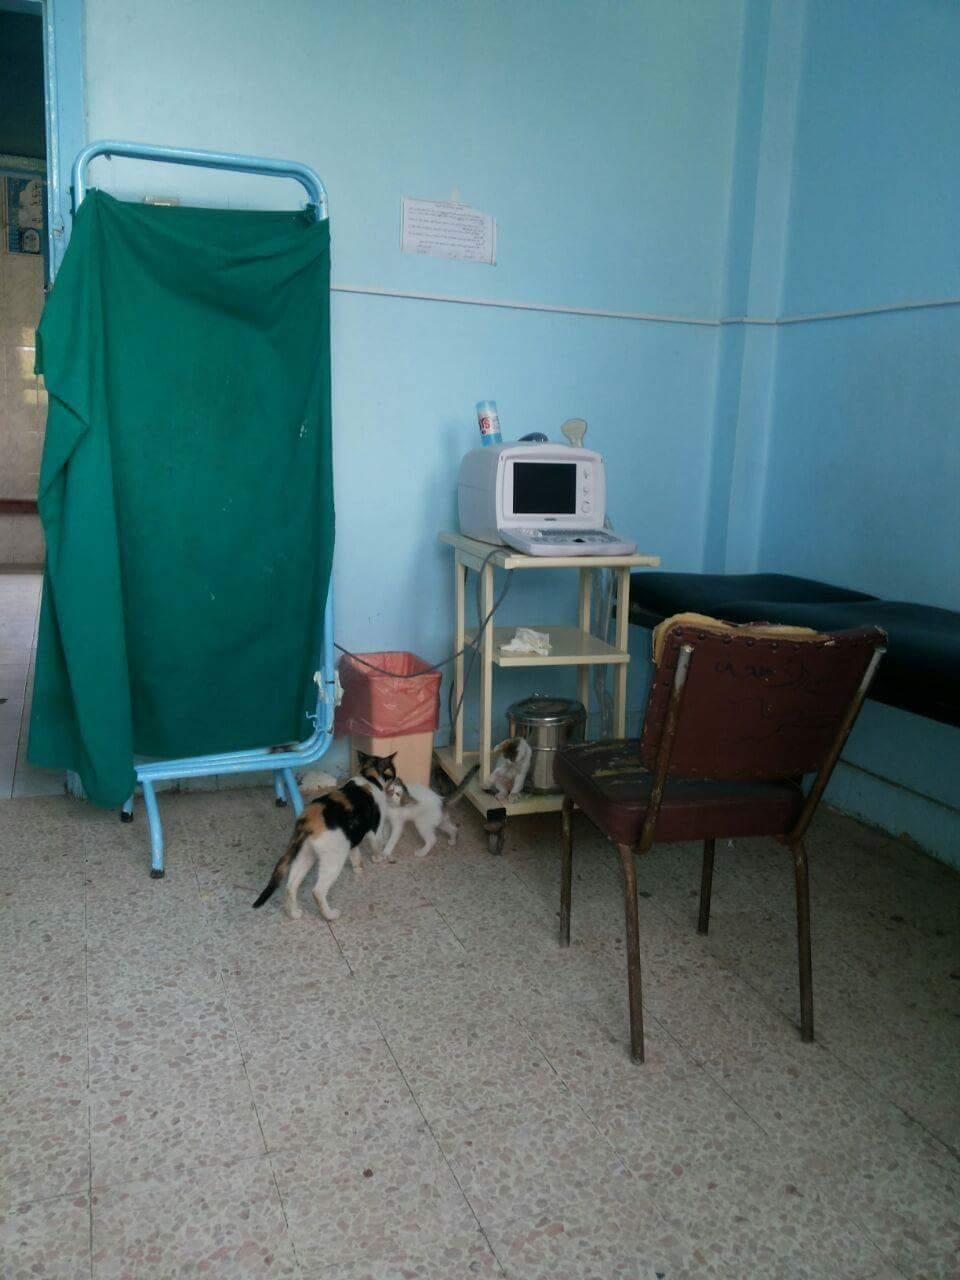 صور.. قطط تتجول في مستشفى بسيون بالغربية.. وجلوسها على أجهزة علاج المرضى